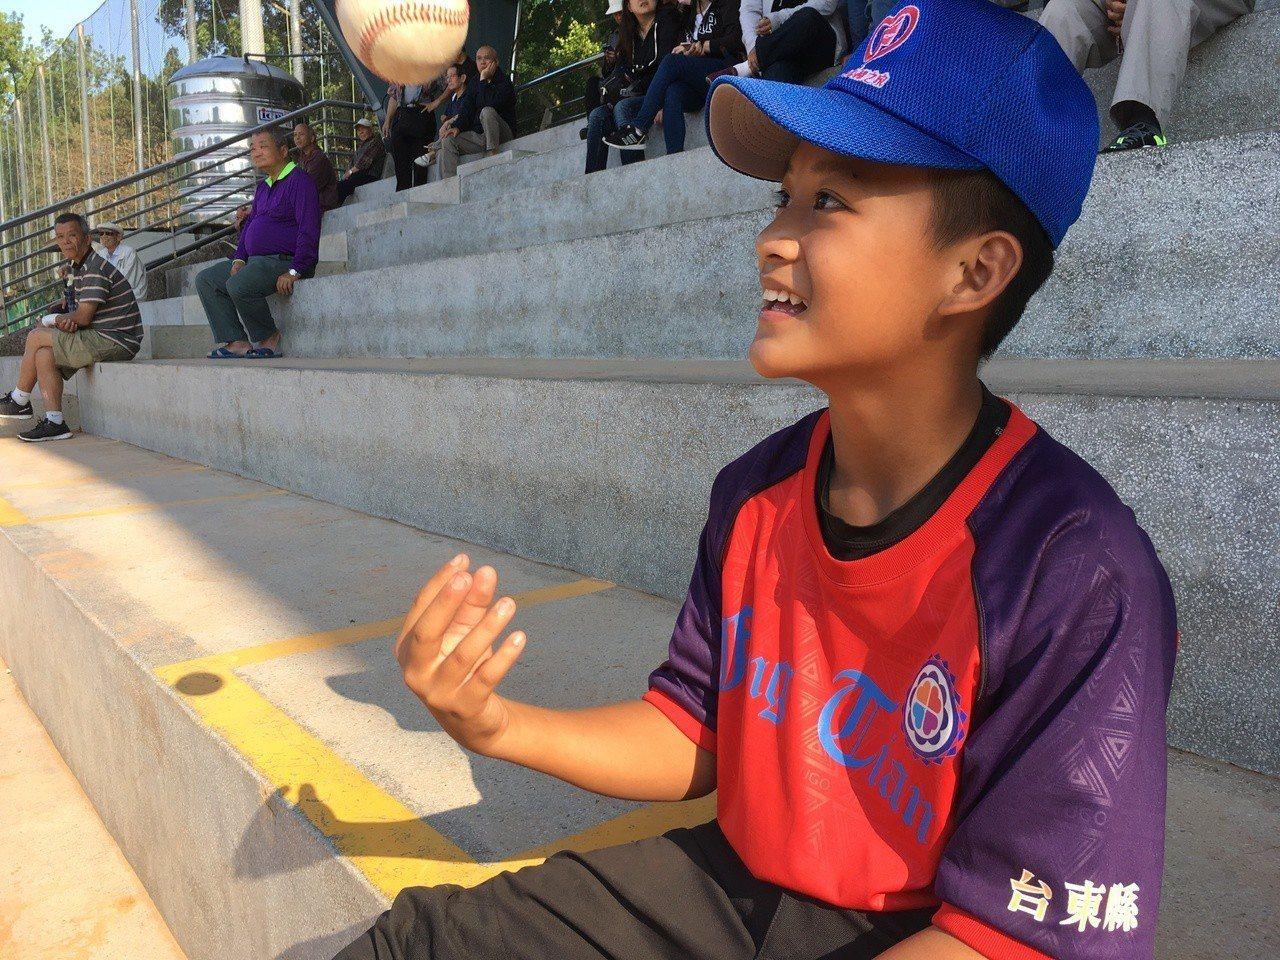 林品浩敲出打棒球以來的首轟。記者葉姵妤/攝影